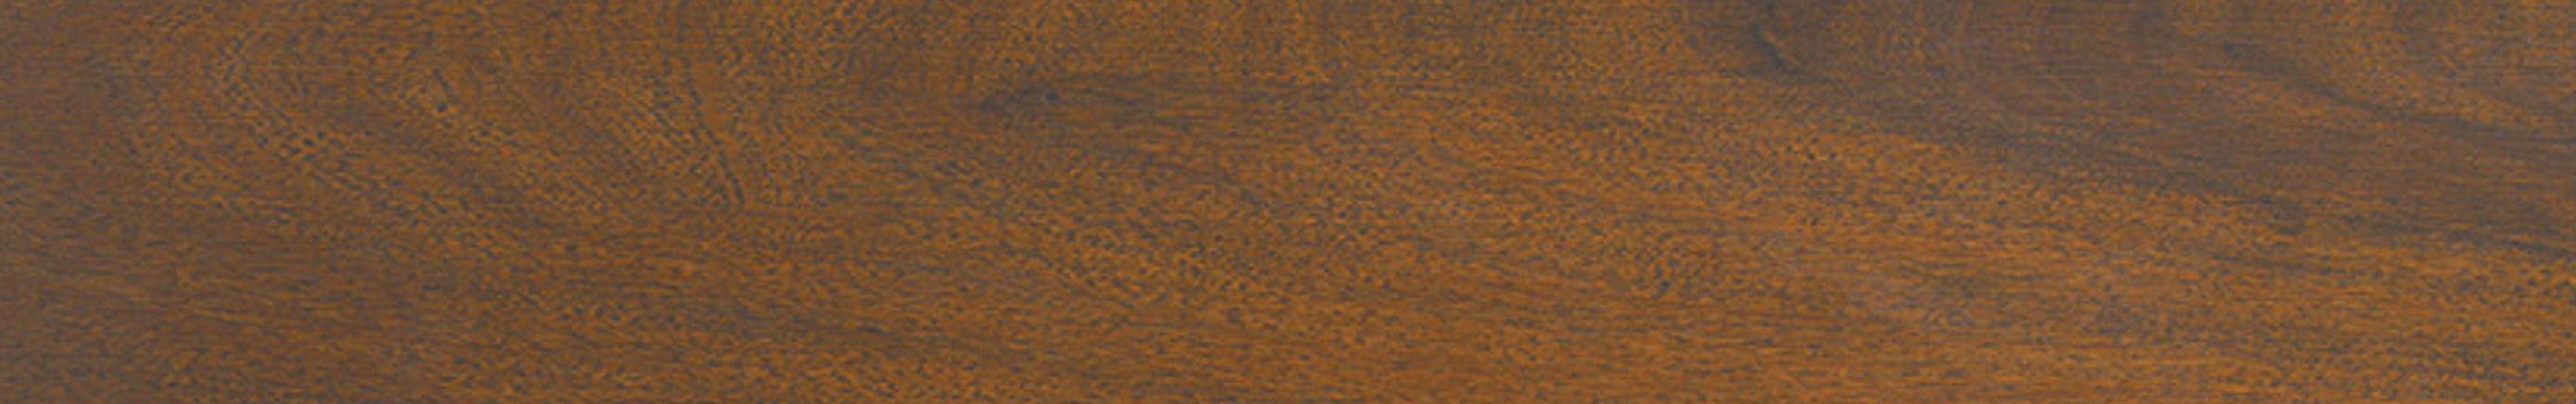 Instalacion TARIMA flotante madera IMA ipe en Asturias y venta a toda España